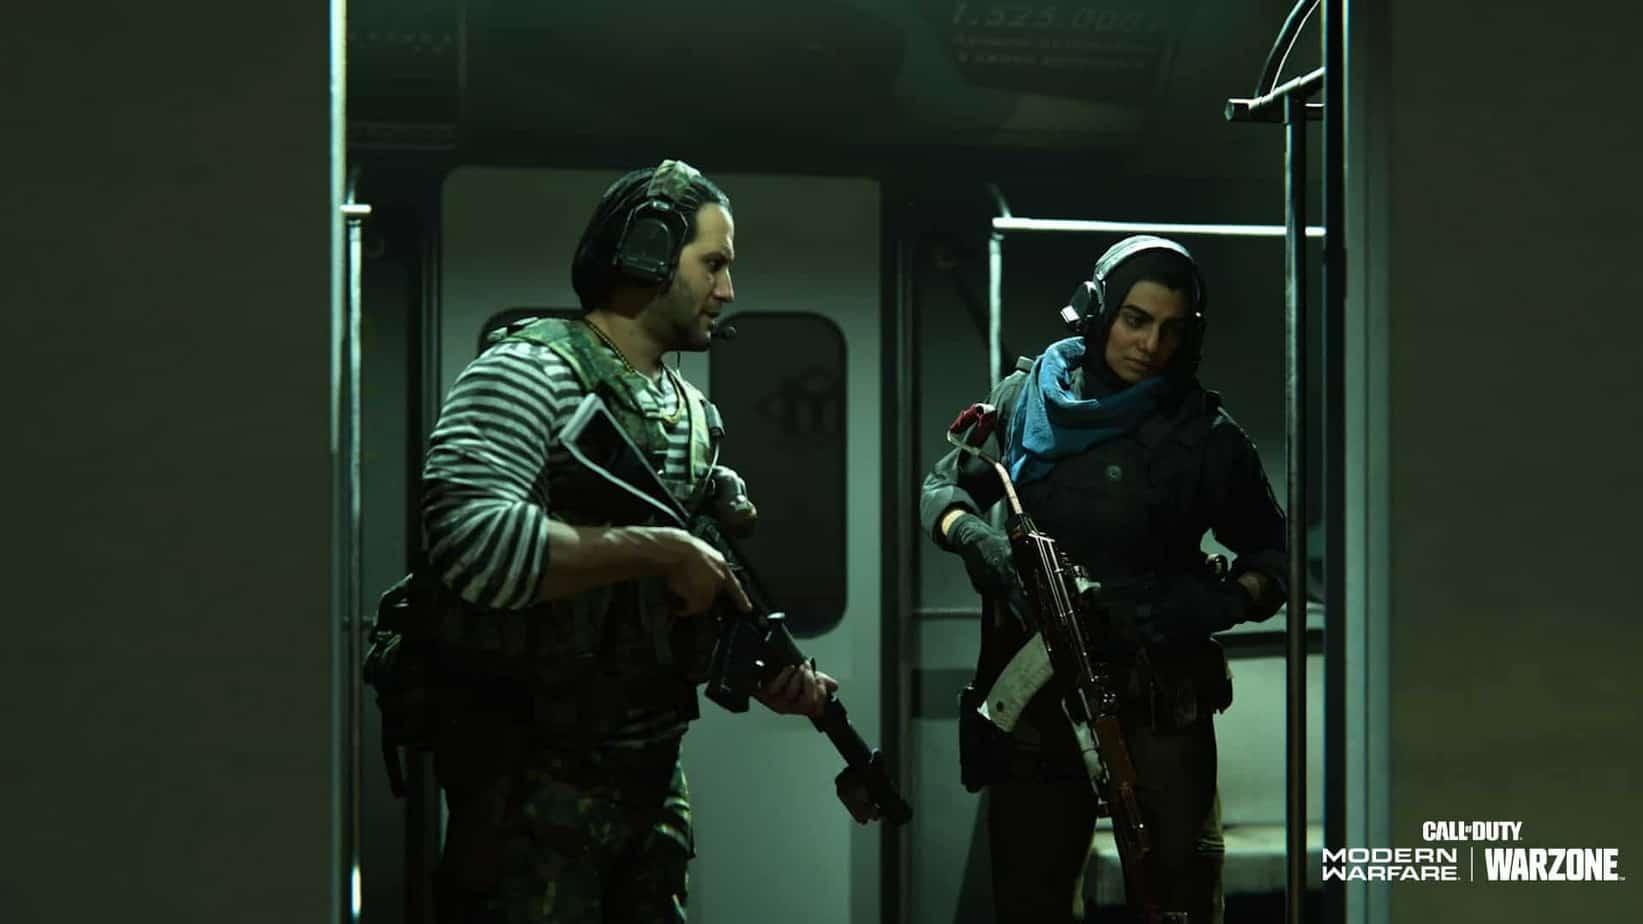 Warzone subway station